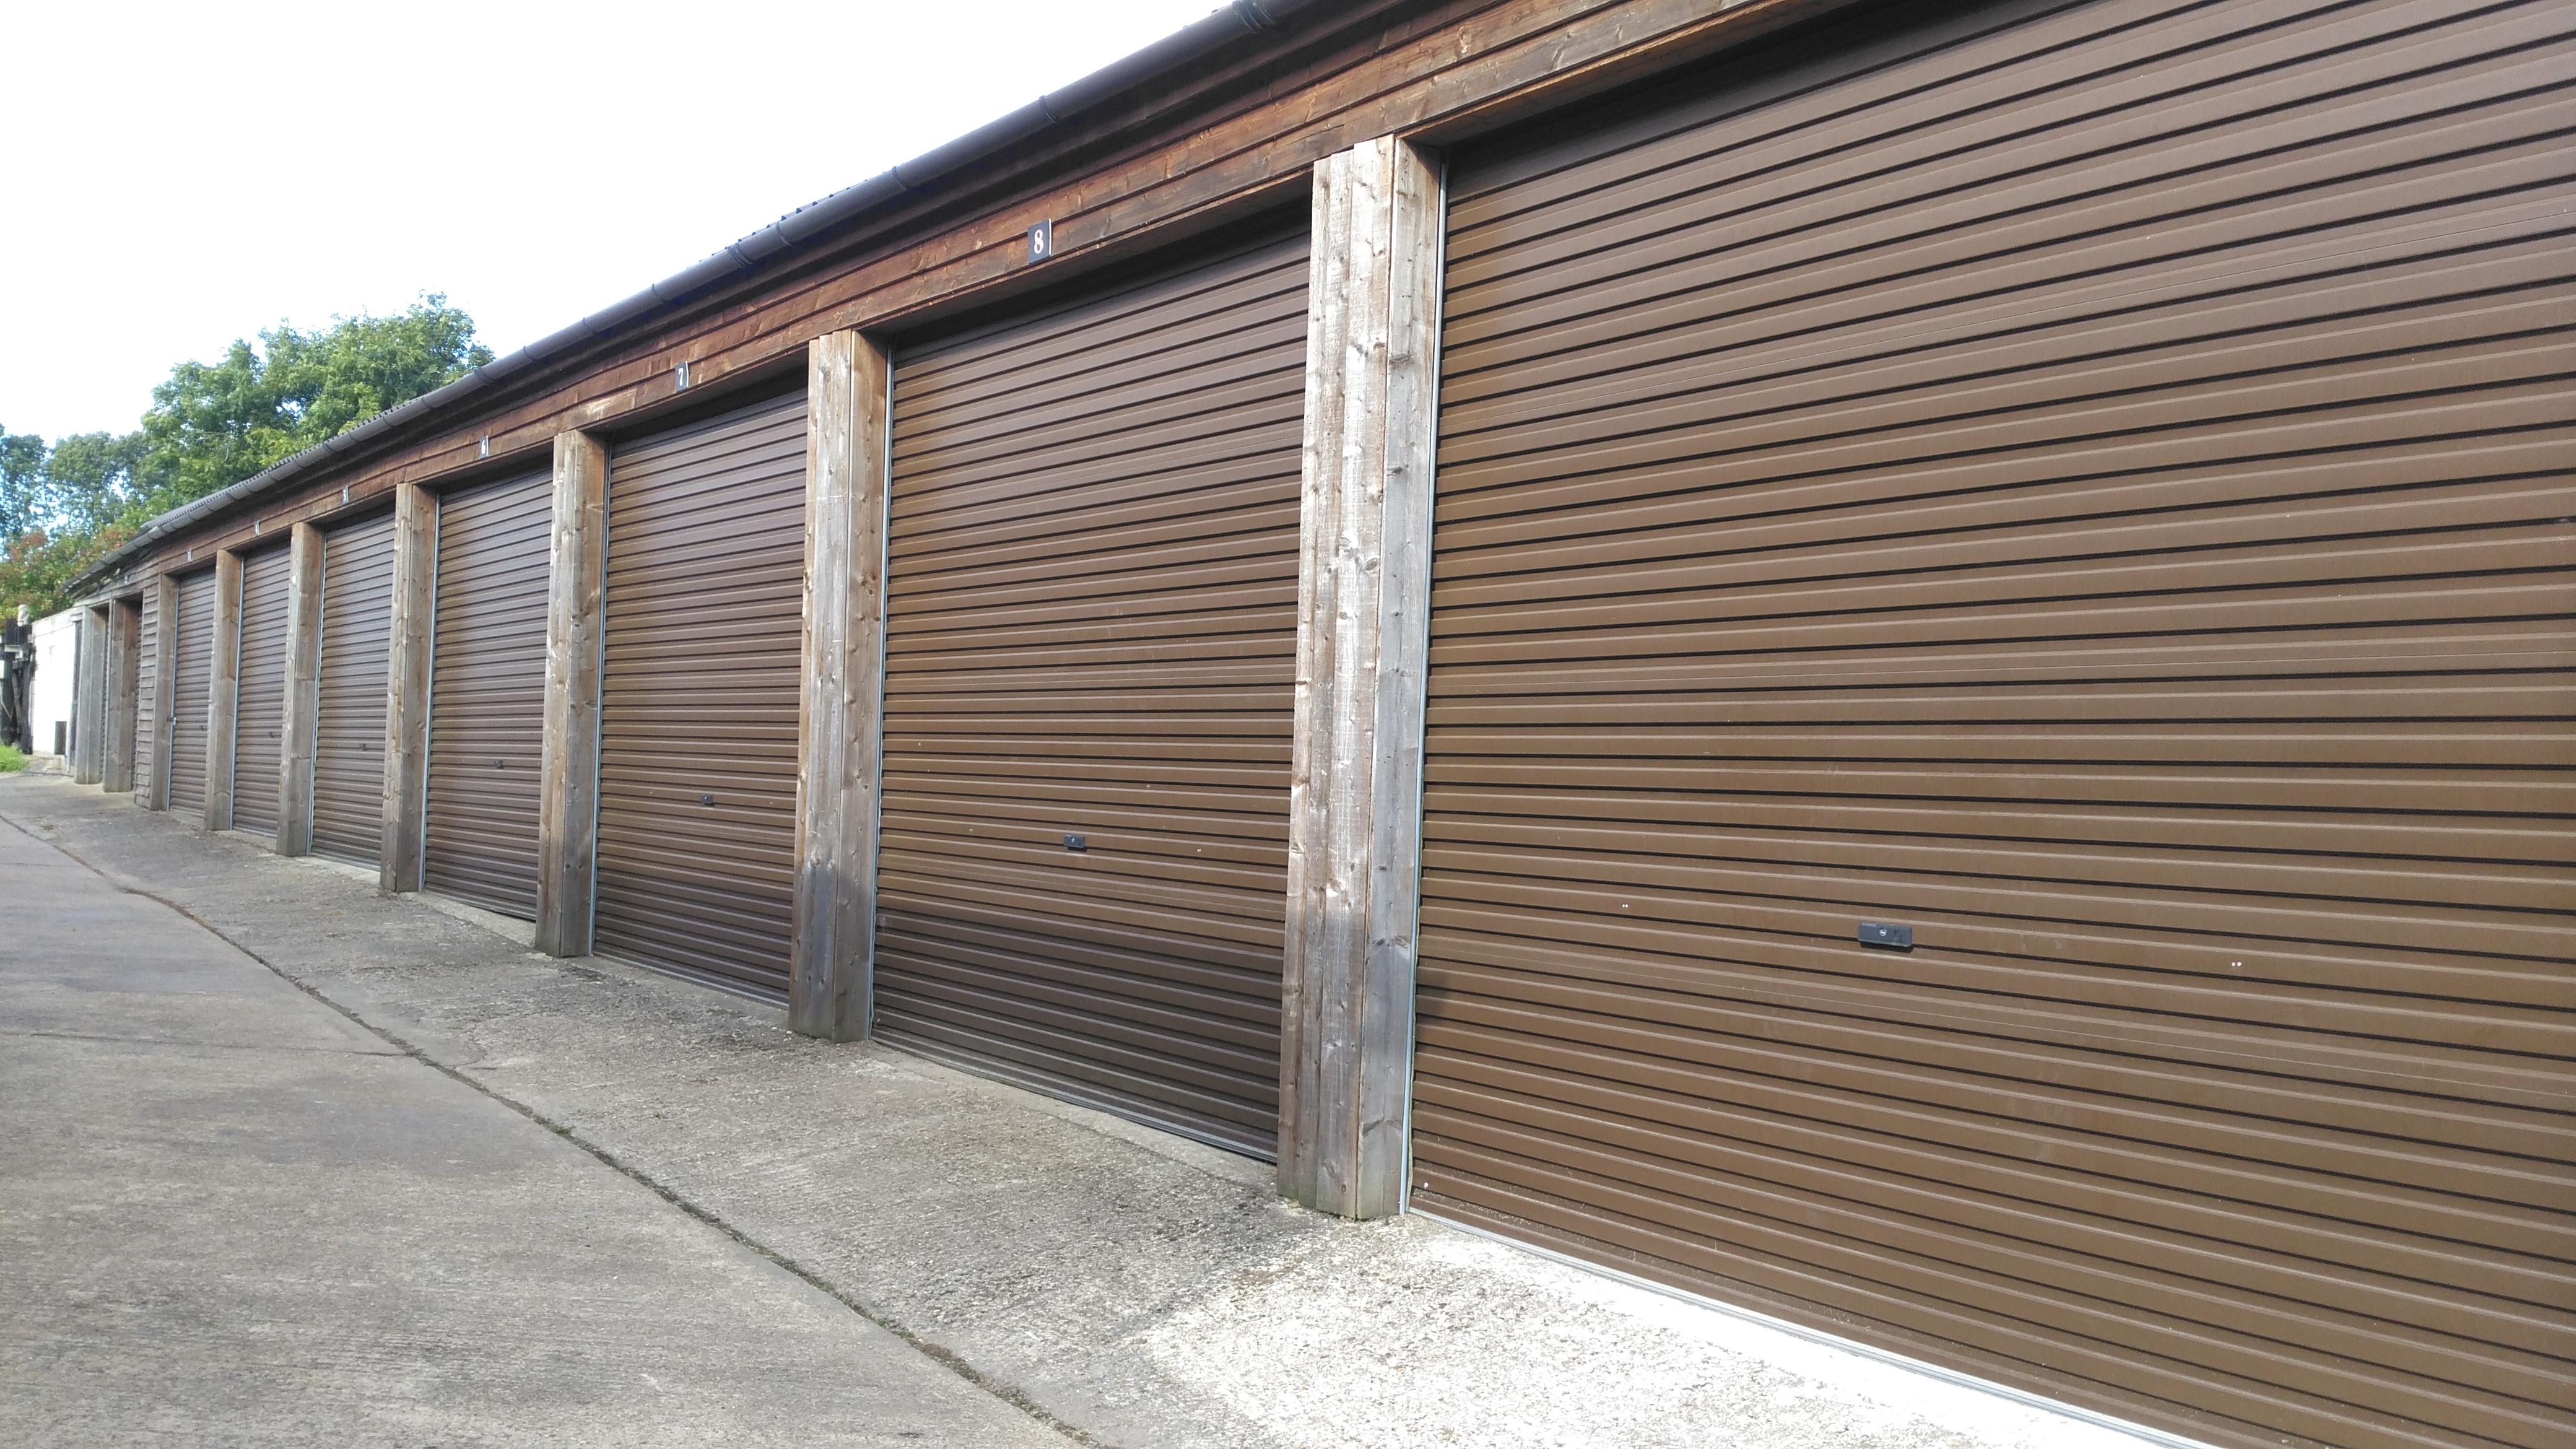 12 x 22 storage units